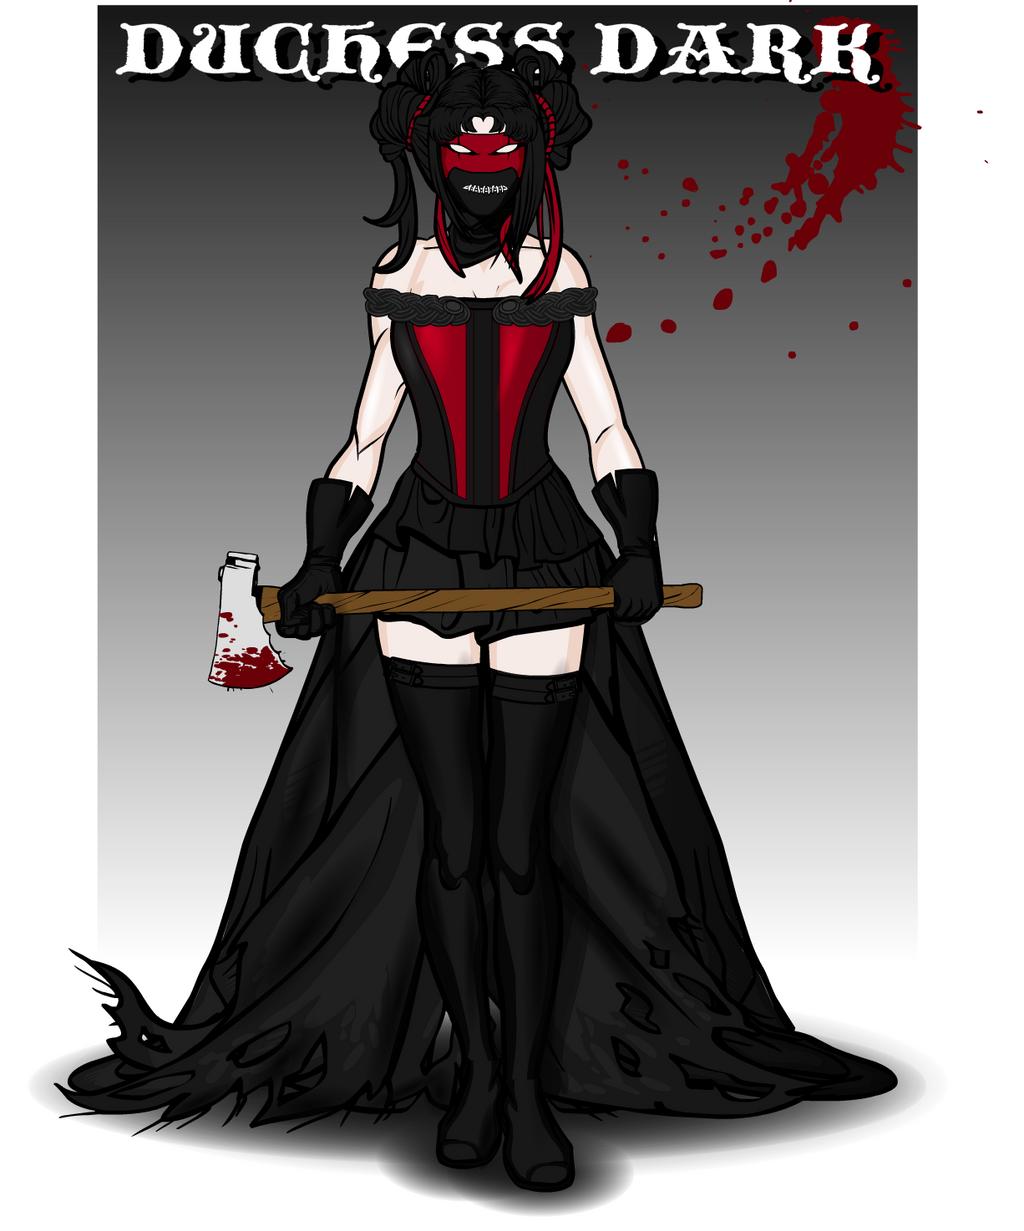 Duchess Dark